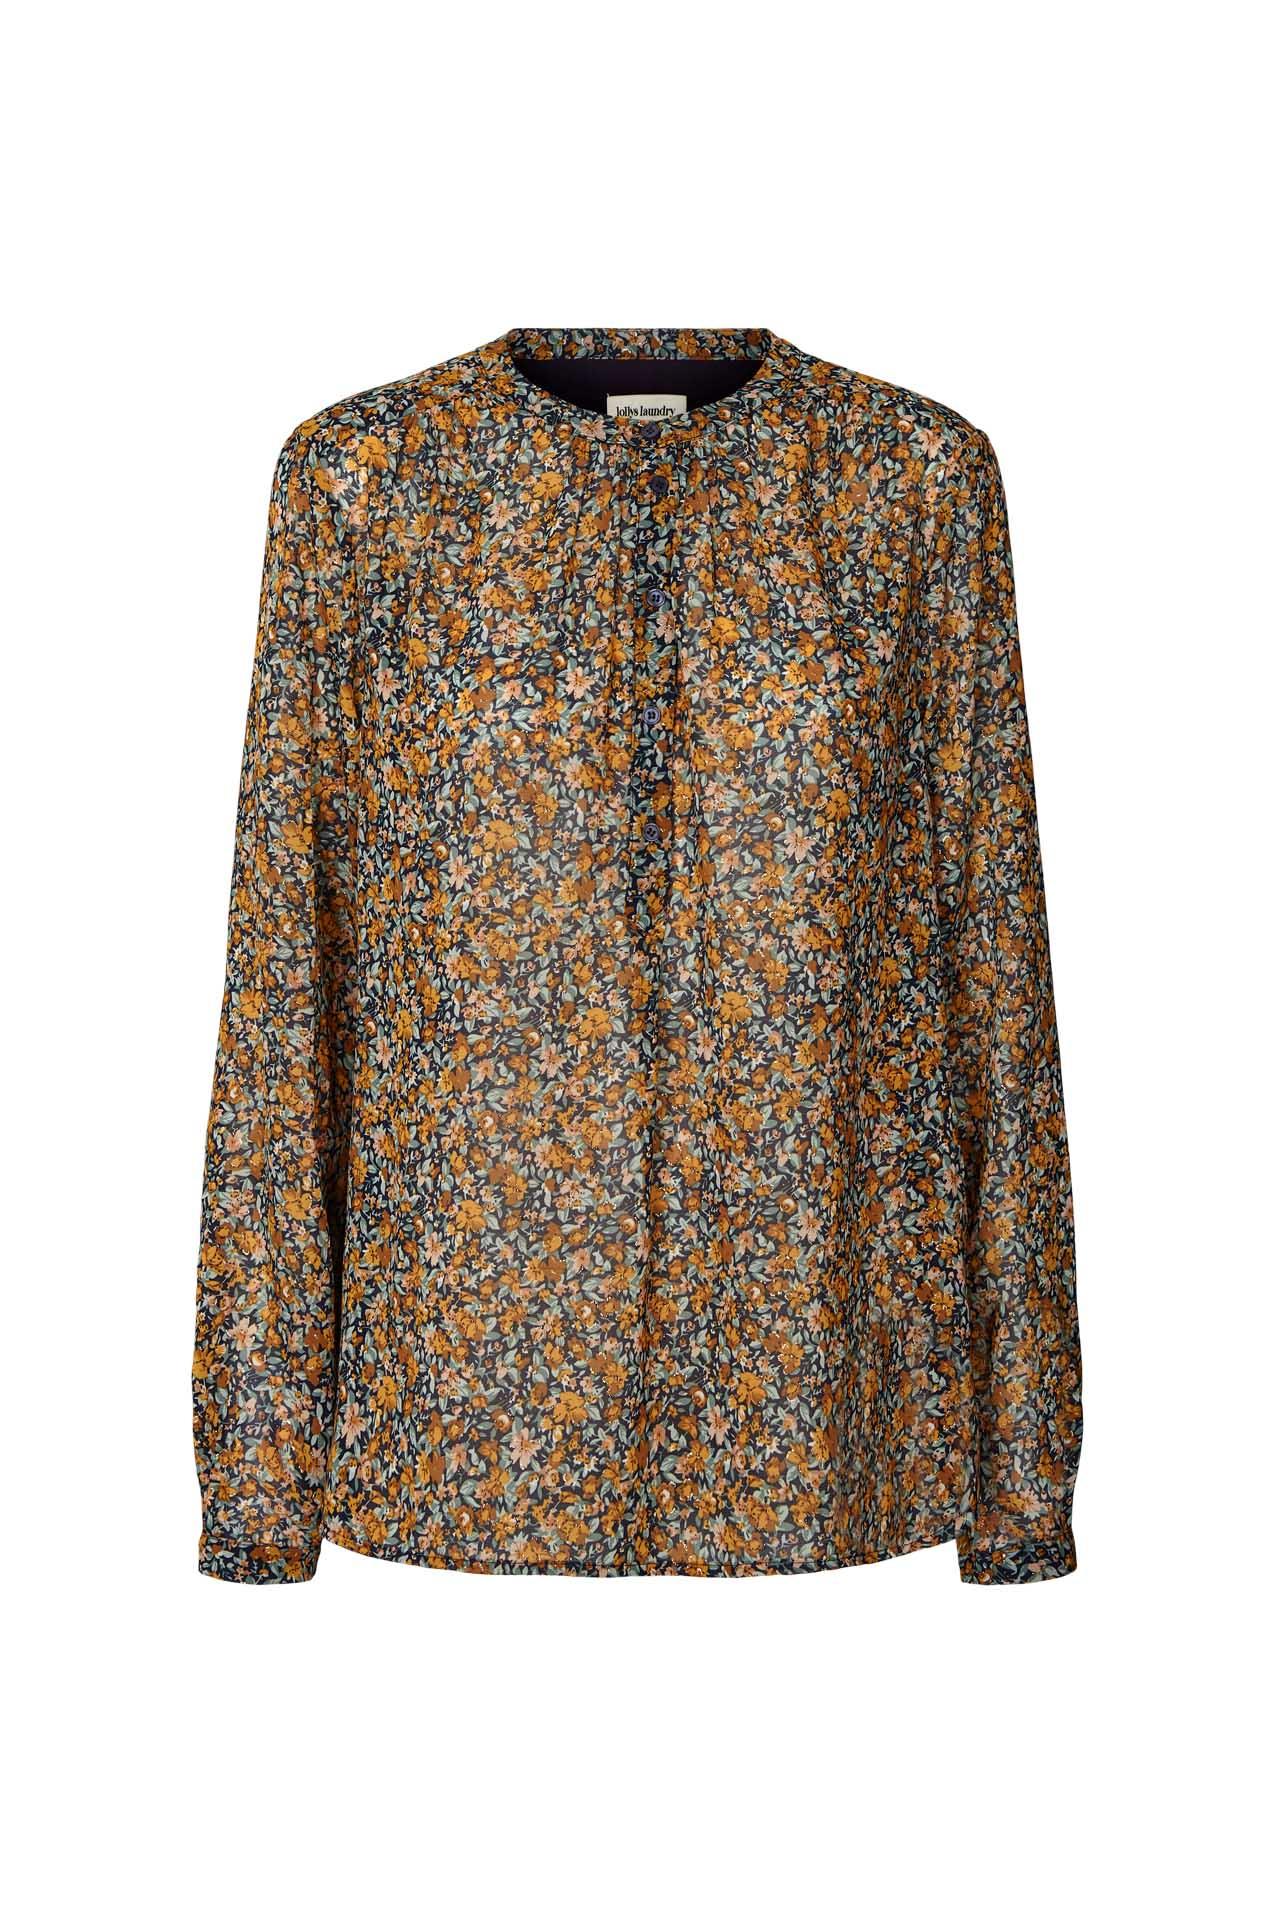 Lollys Laundry Singh skjorte